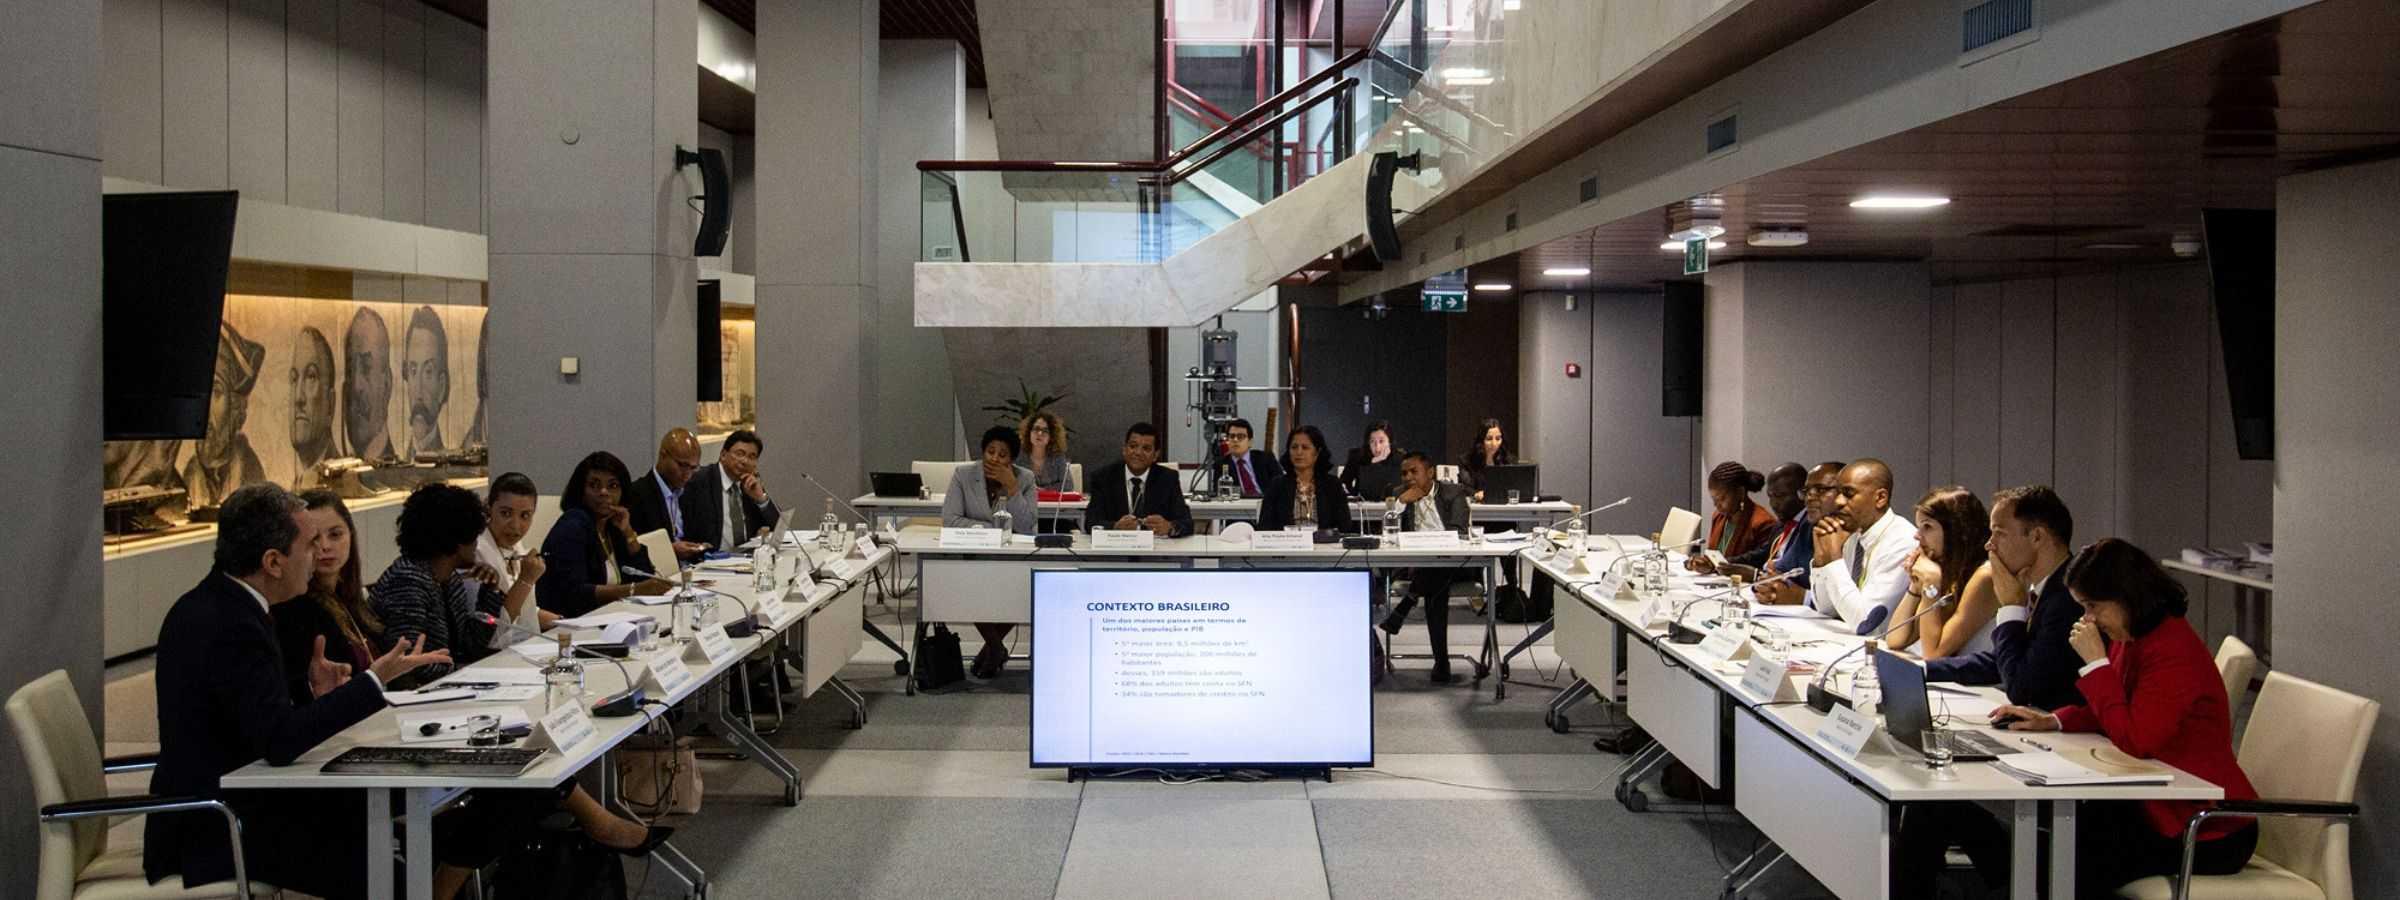 همکاری 7 کشور پرتغالی زبان در ارتقای سواد مالی